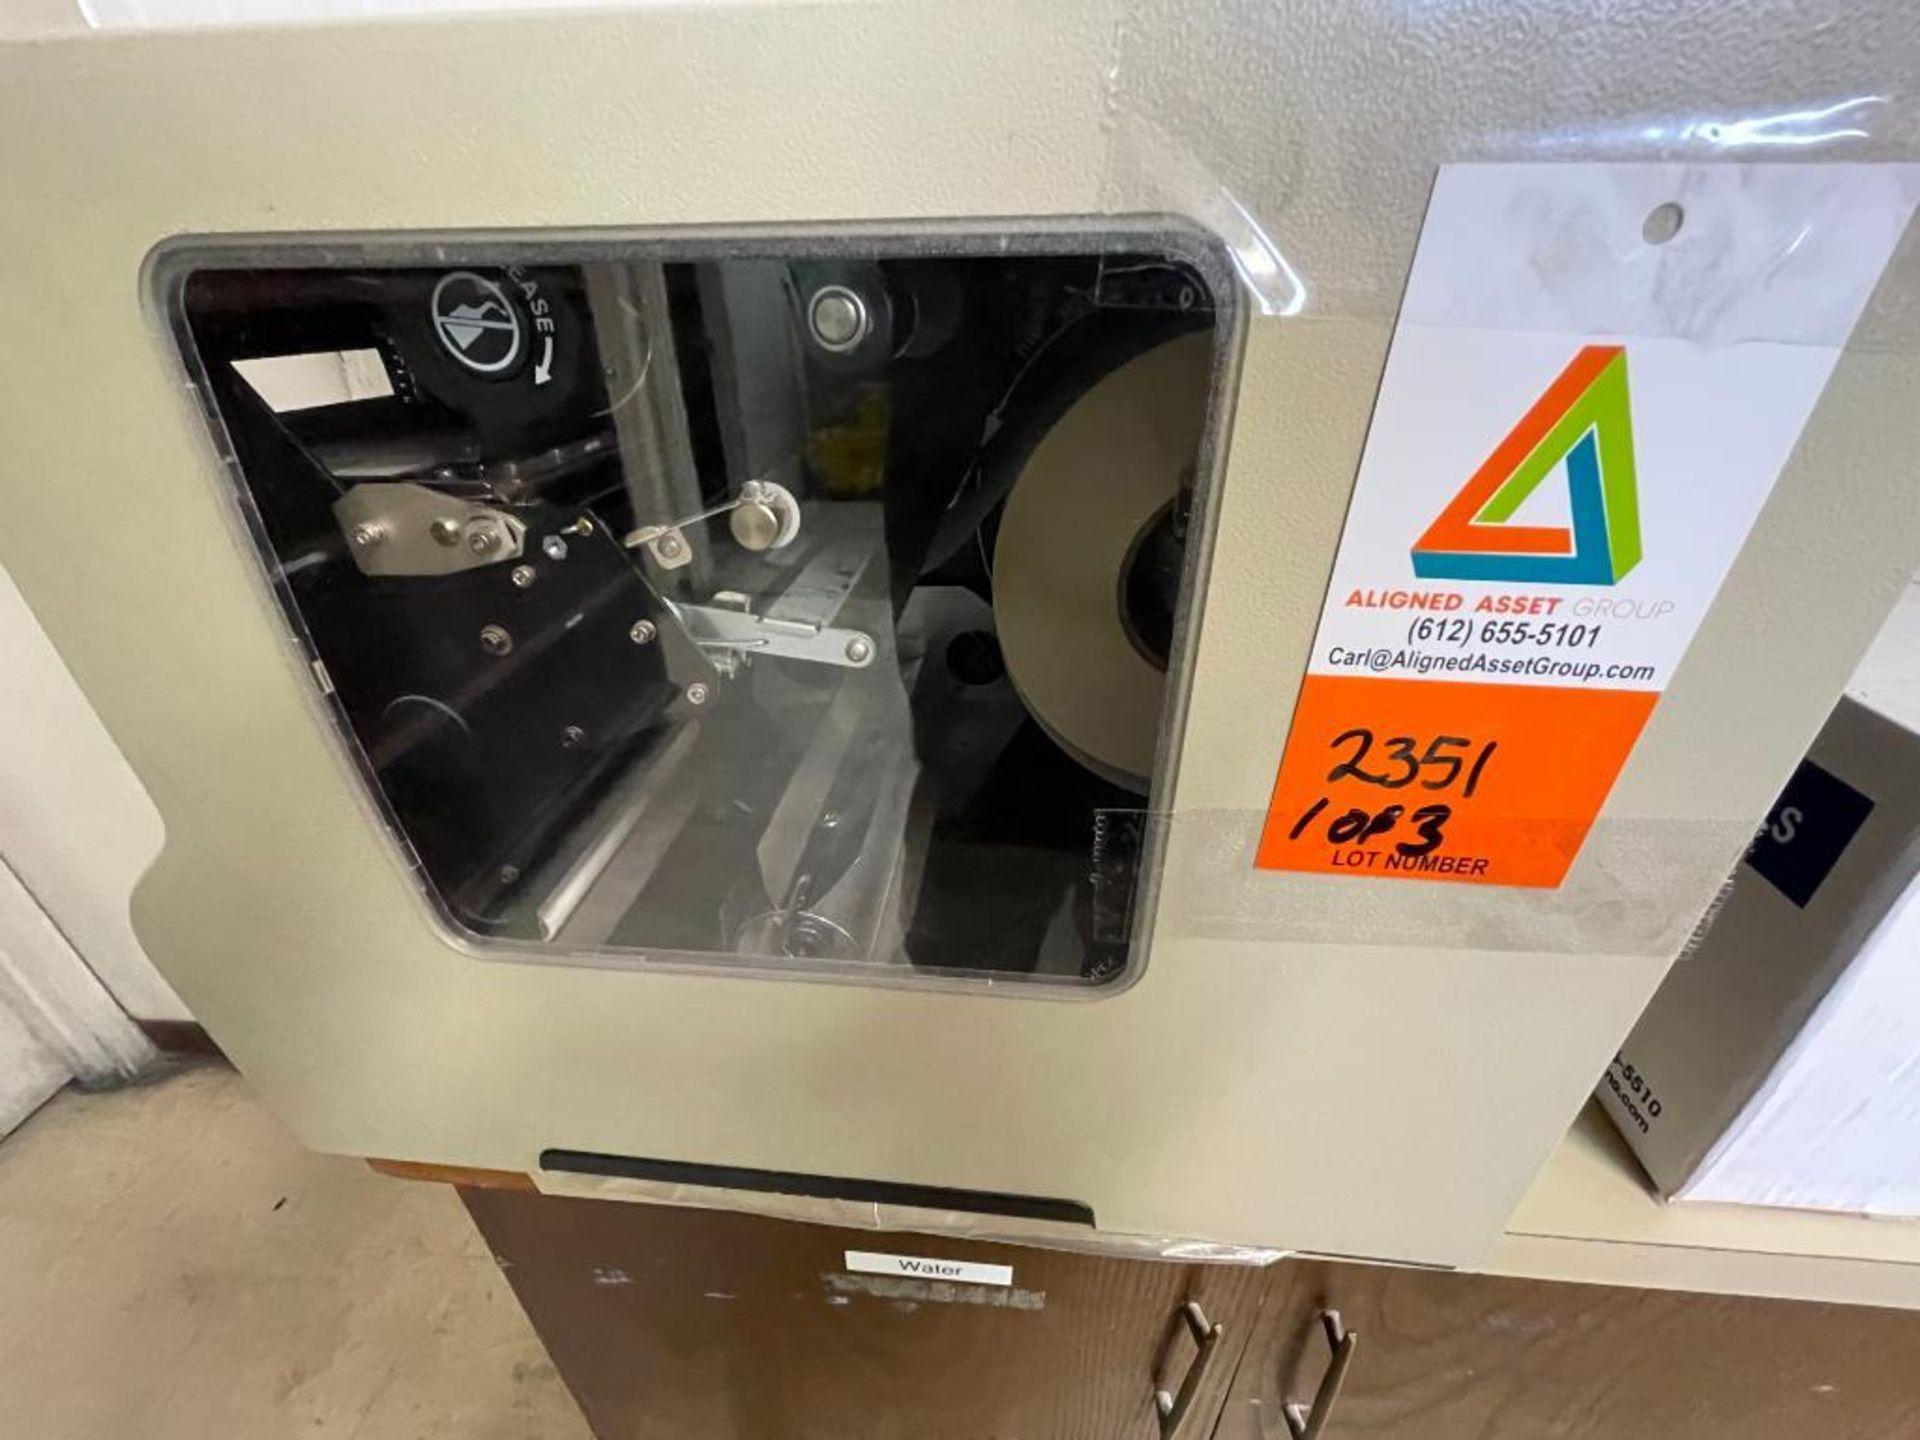 Zebra label printer - Image 3 of 9